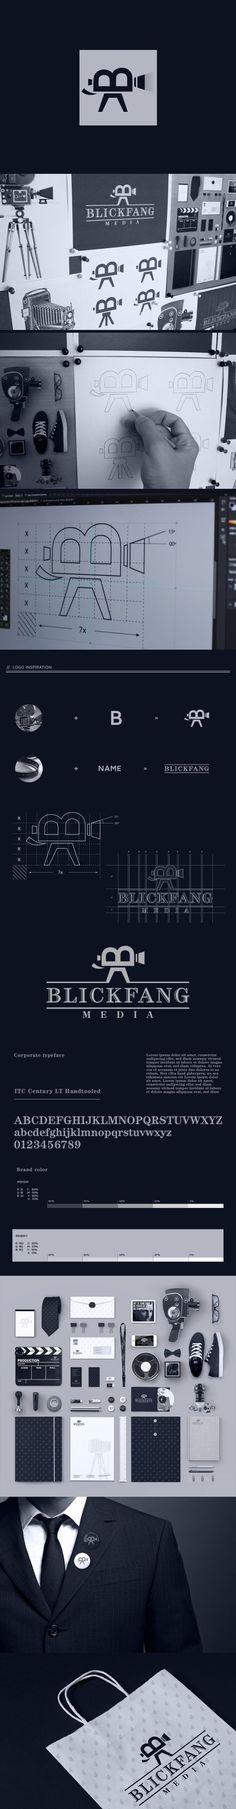 Blickfang Media